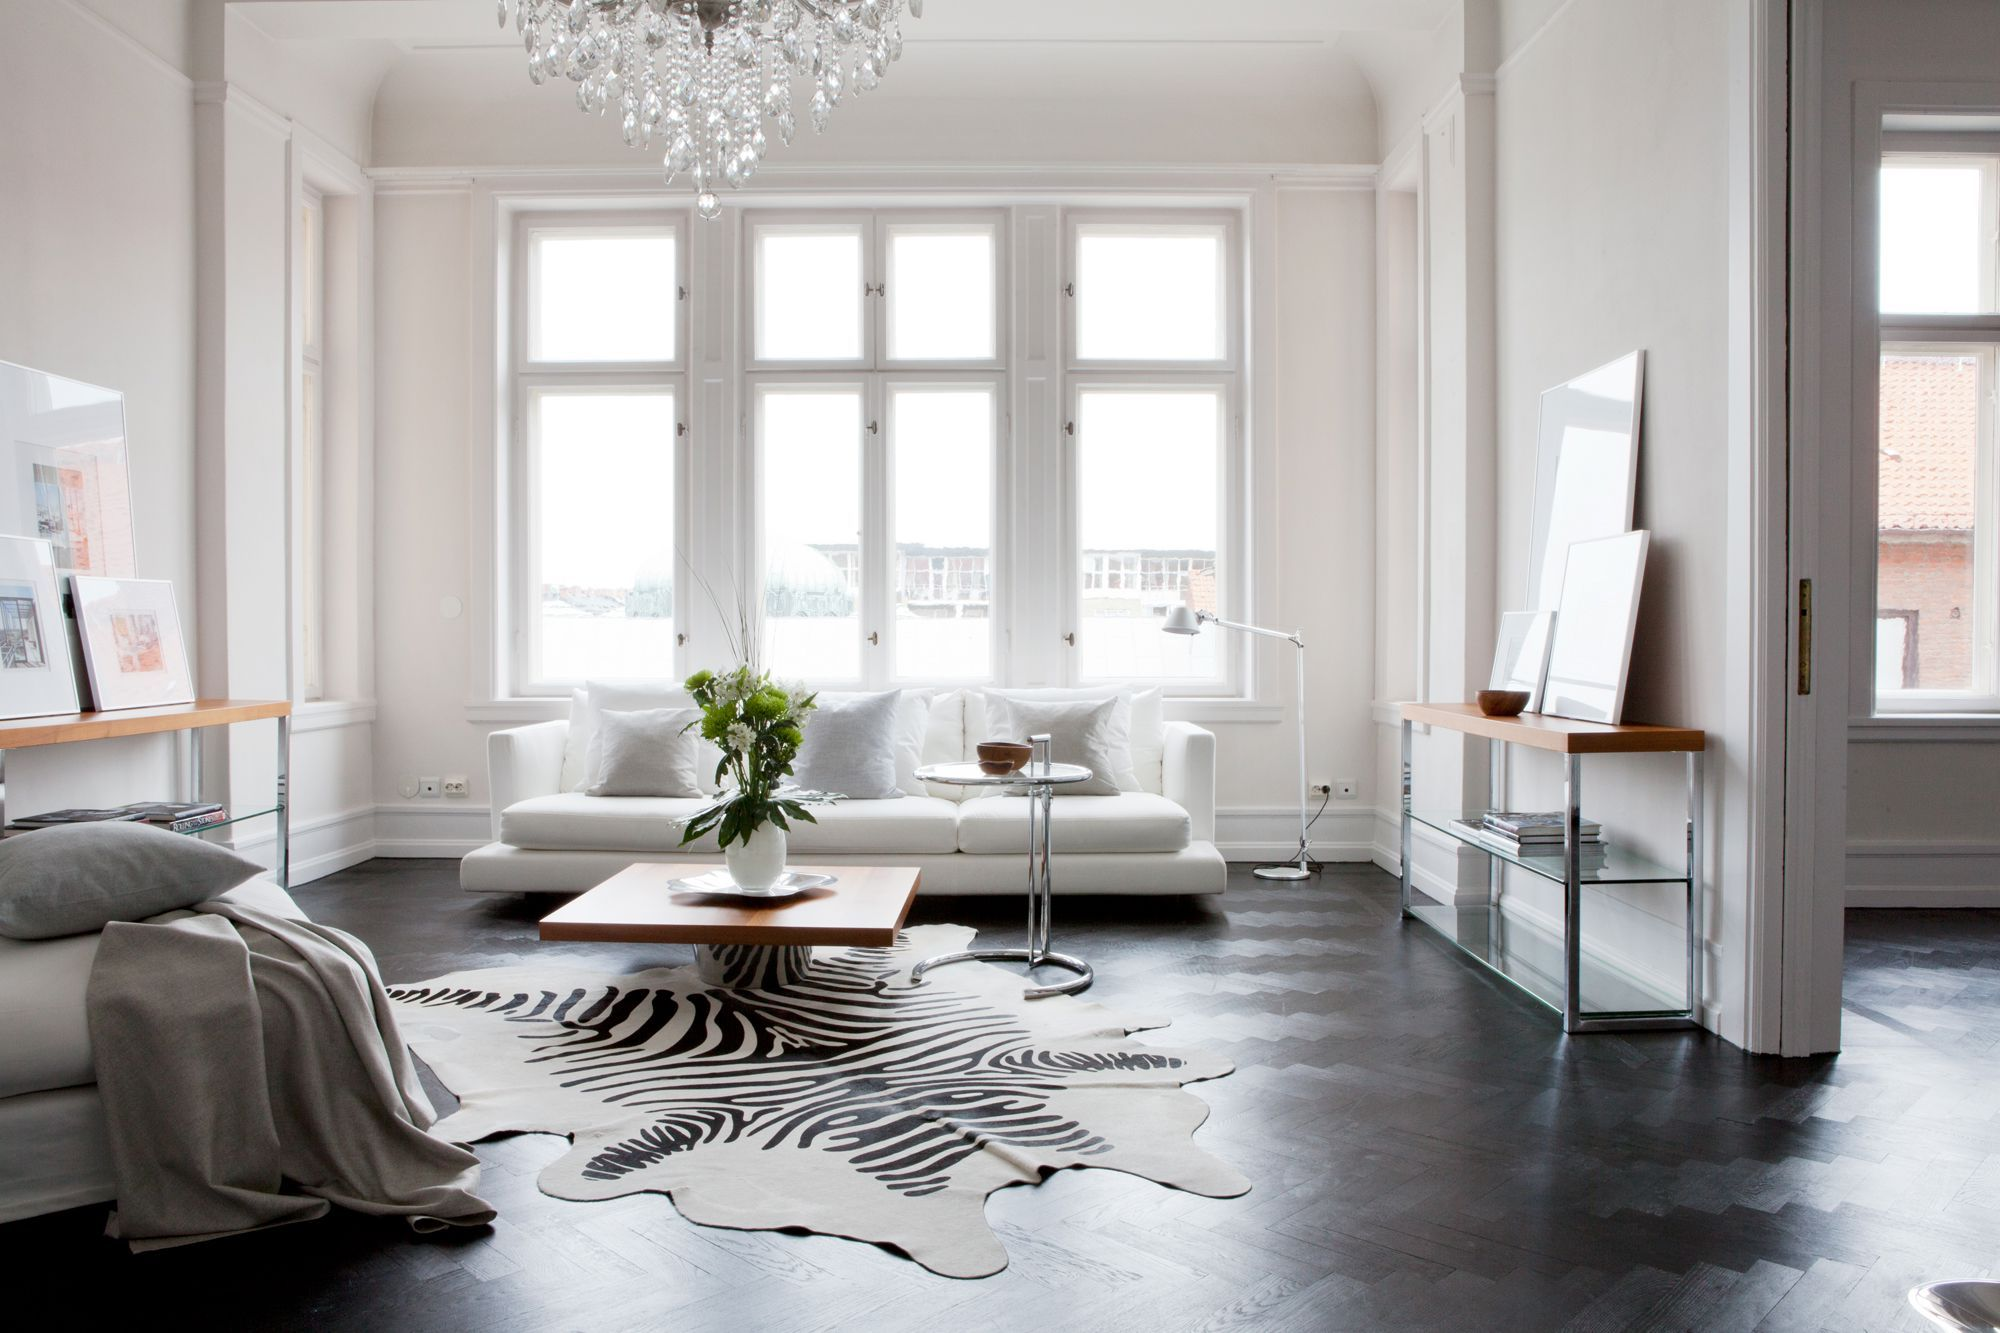 Bolaget Fastighetsförmedling | Cosas que me gustan | Pinterest ...